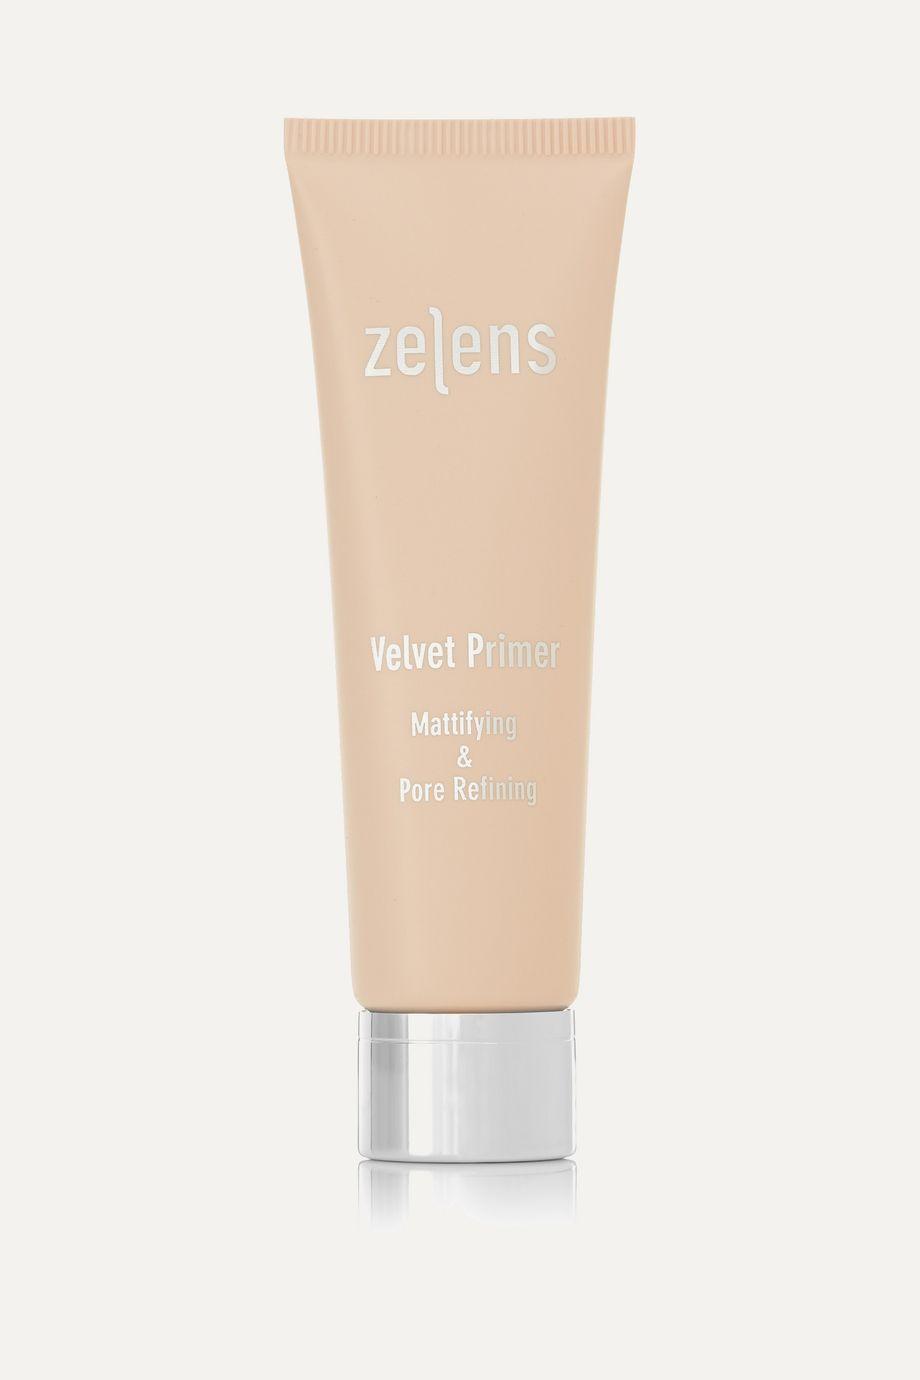 Zelens Velvet Primer, 30ml